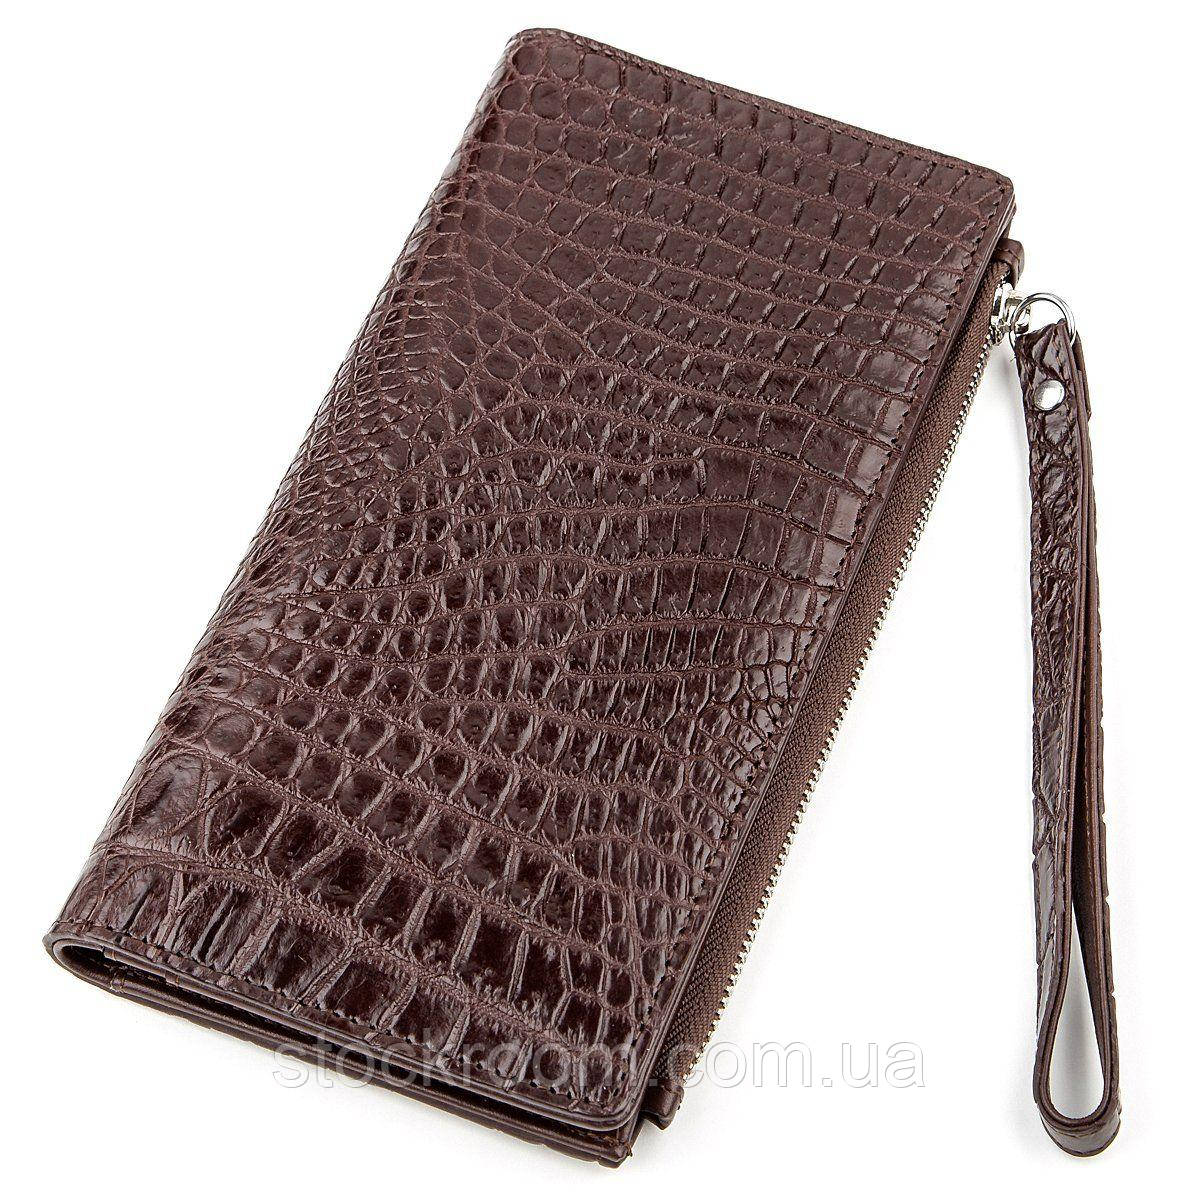 Клатч CROCODILE LEATHER 18290 из натуральной кожи крокодила Коричневый, Коричневый